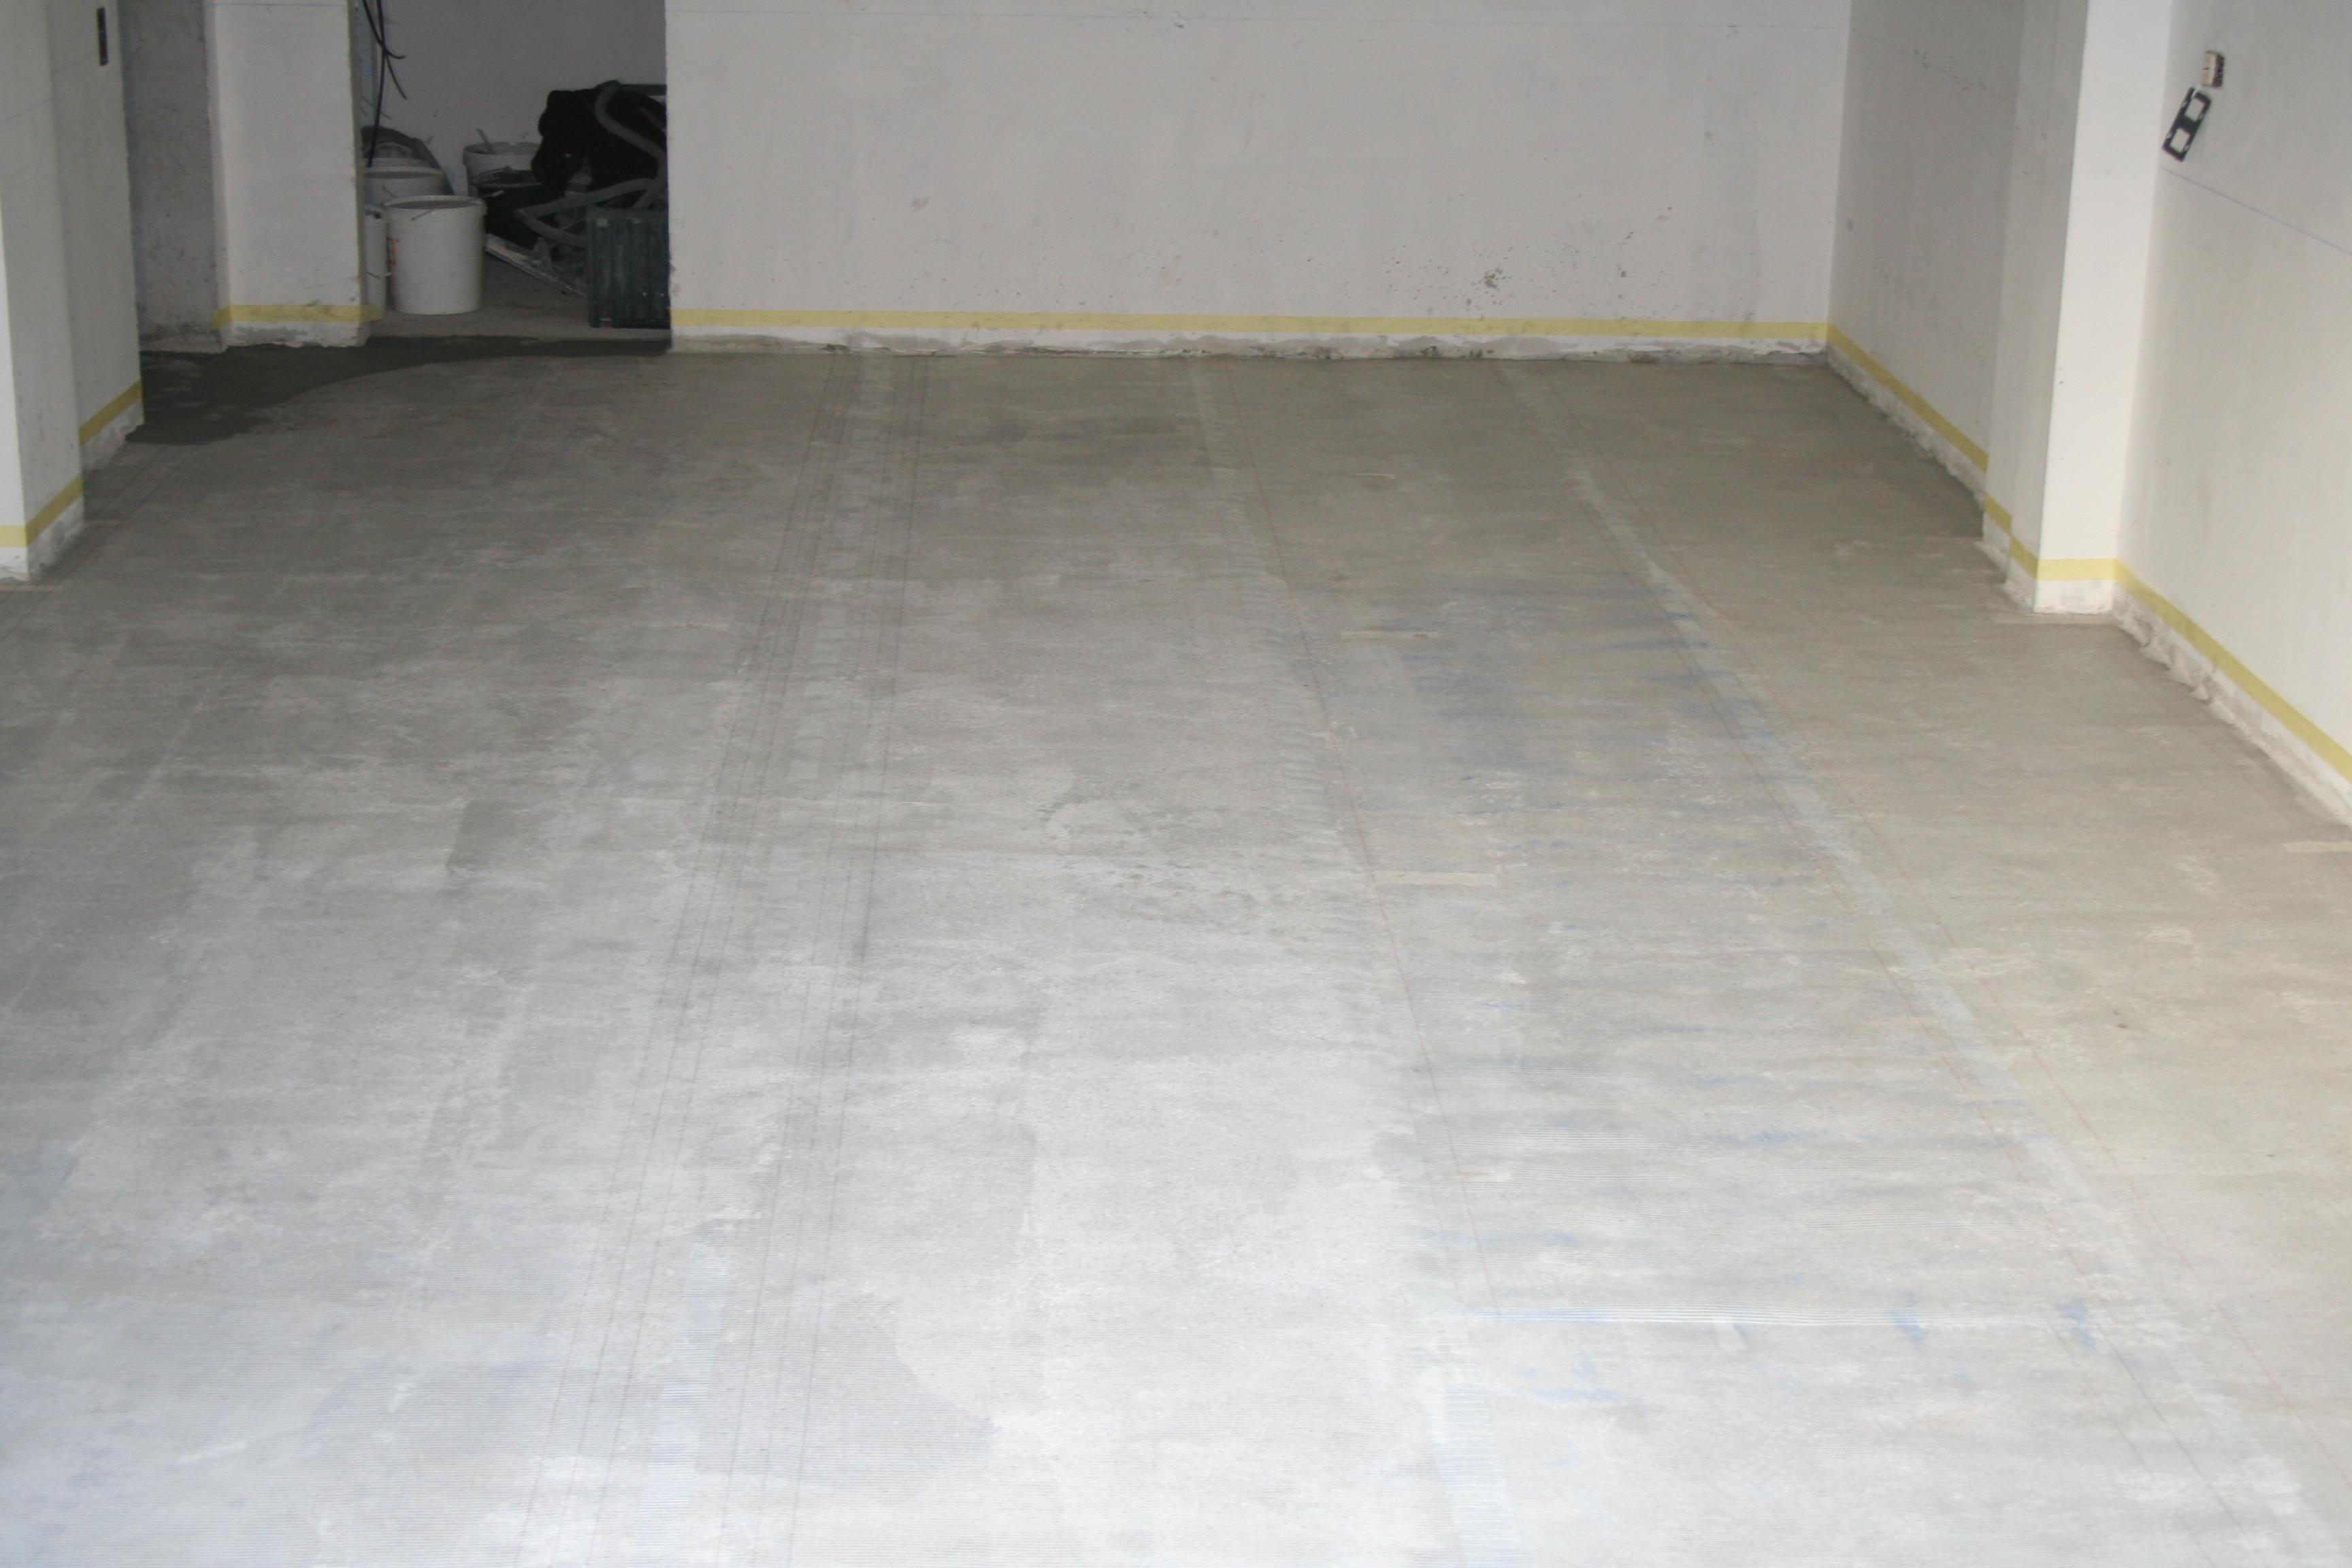 Inaltarea Pardoselii max 4 mmSolutieMicrocimentLiving 120 m2, Bucuresti